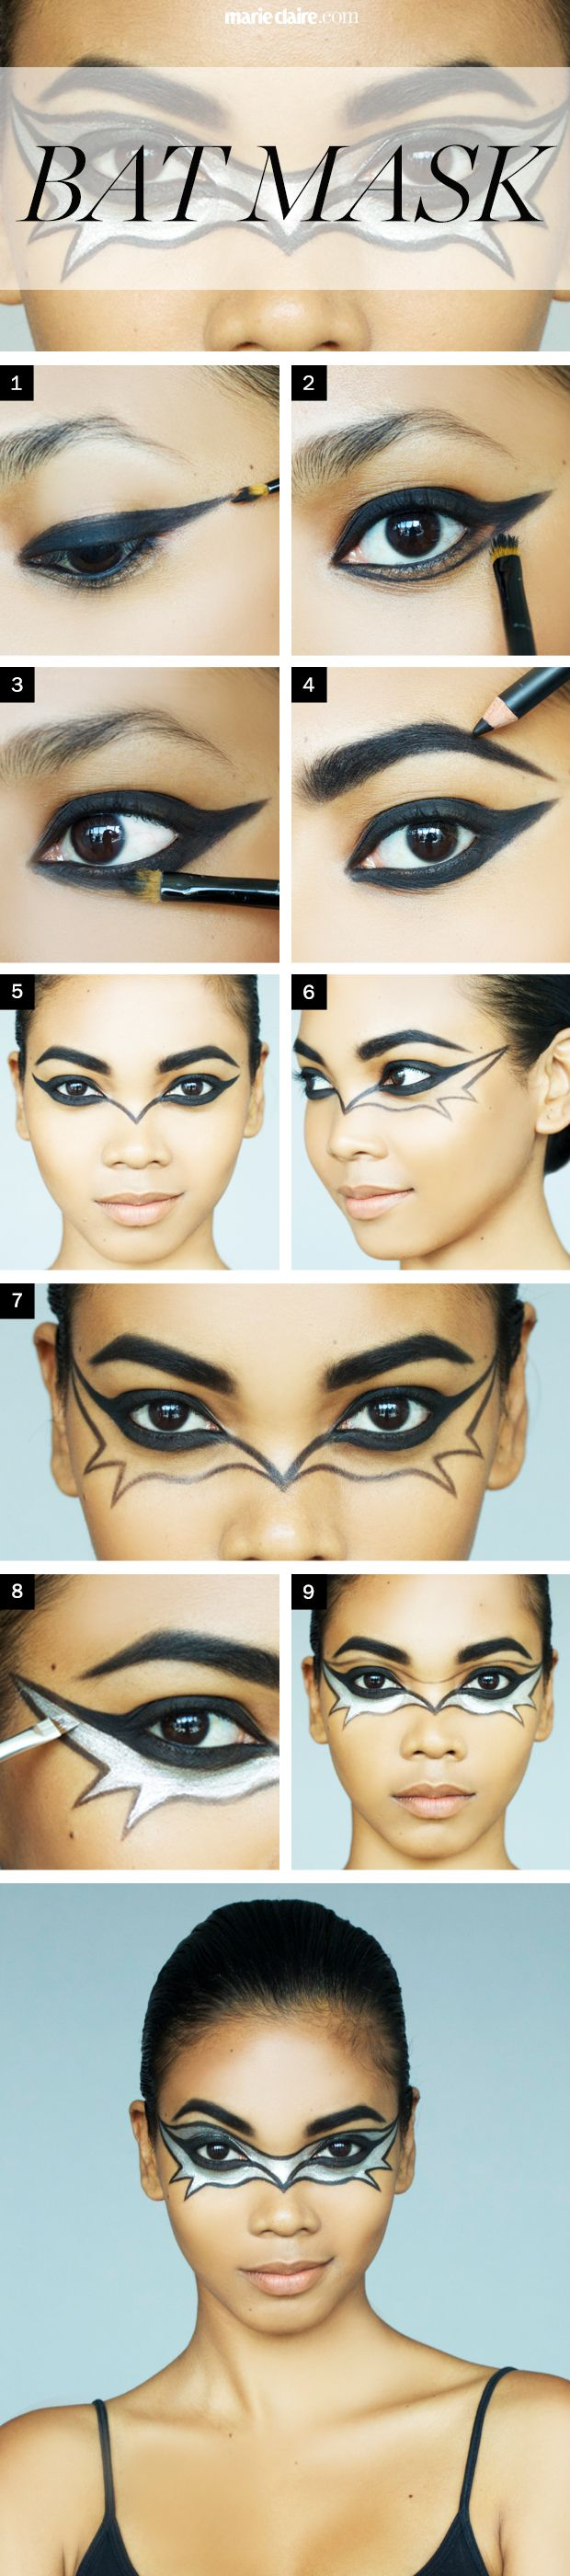 Batman Mask Makeup Tutorial Makeupsite